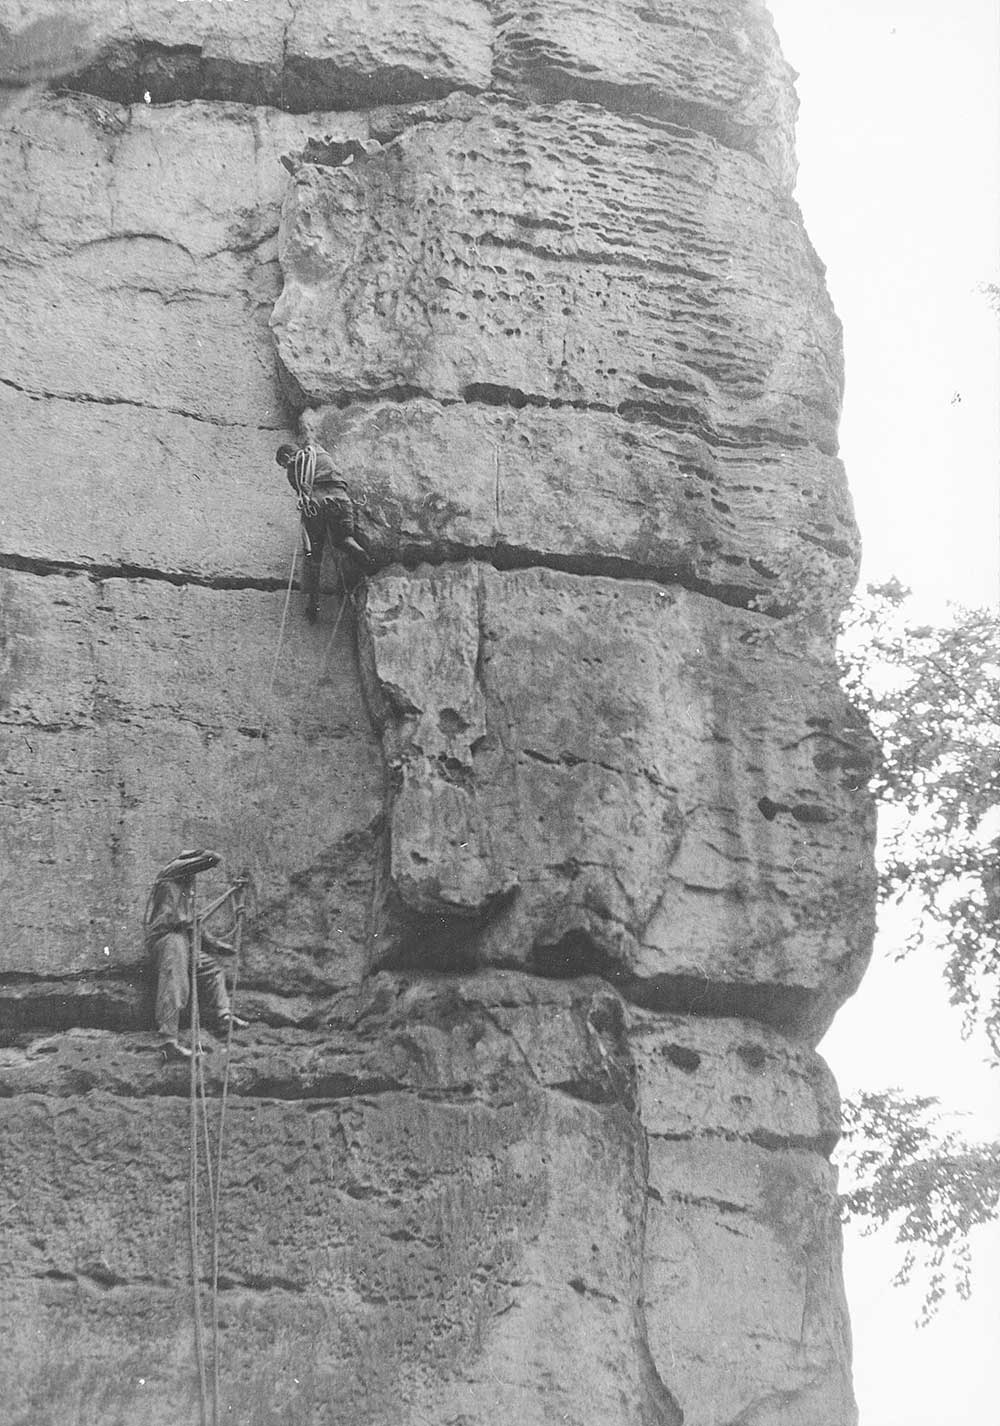 Basteischluchtturm 1961: V nejtěžší stěně Rathenu předvedl husarský kousek: vynechal třikrát stavění